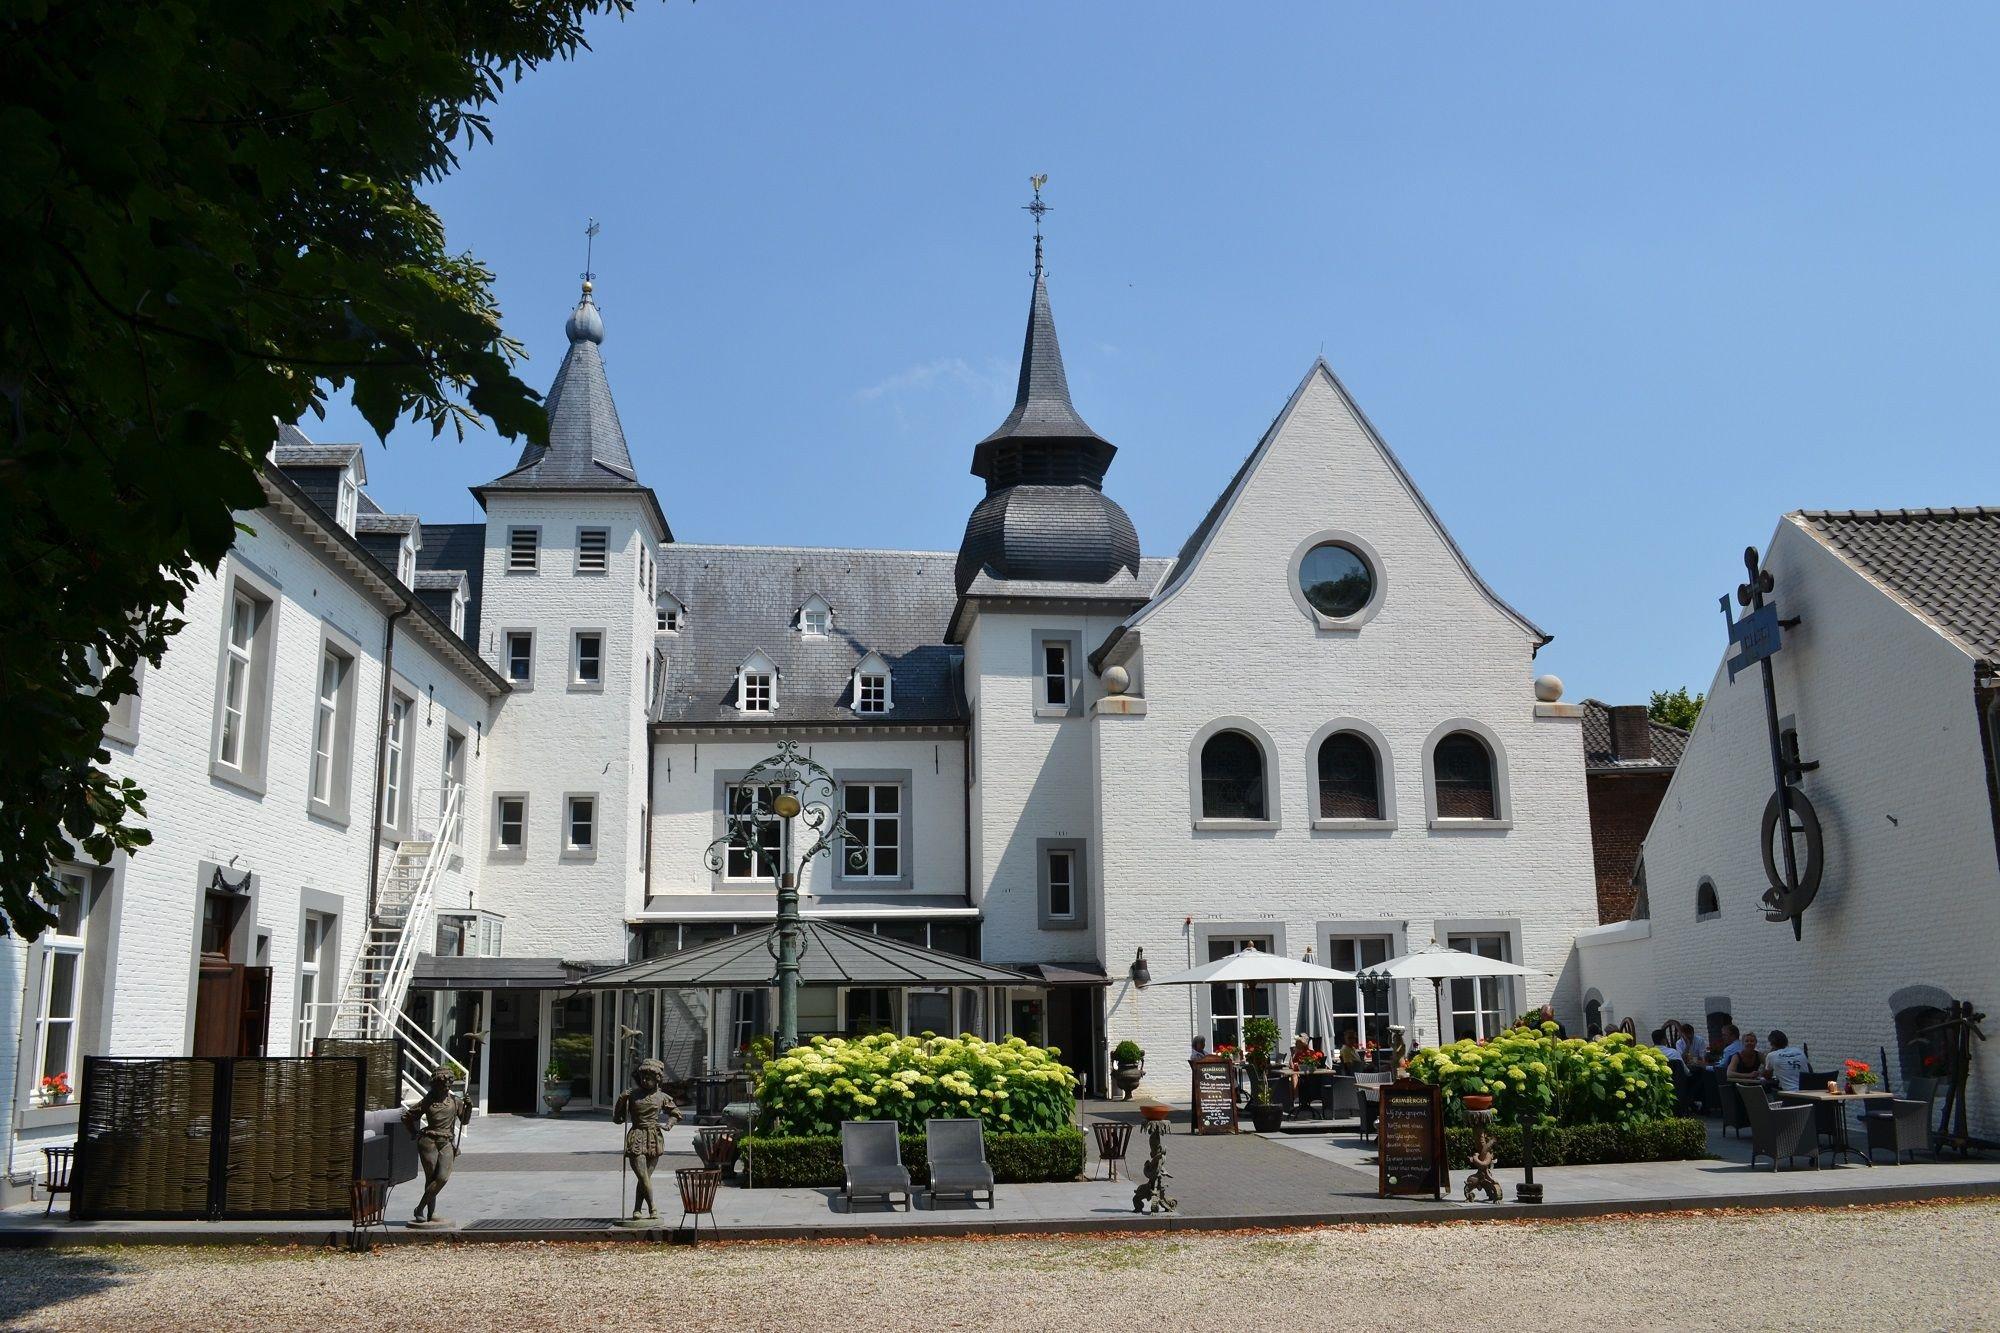 Dagaanbieding - 2 of 3 dagen 4*-Kasteelhotel in Zuid-Limburg incl. ontbijt en leuke extra's! dagelijkse koopjes